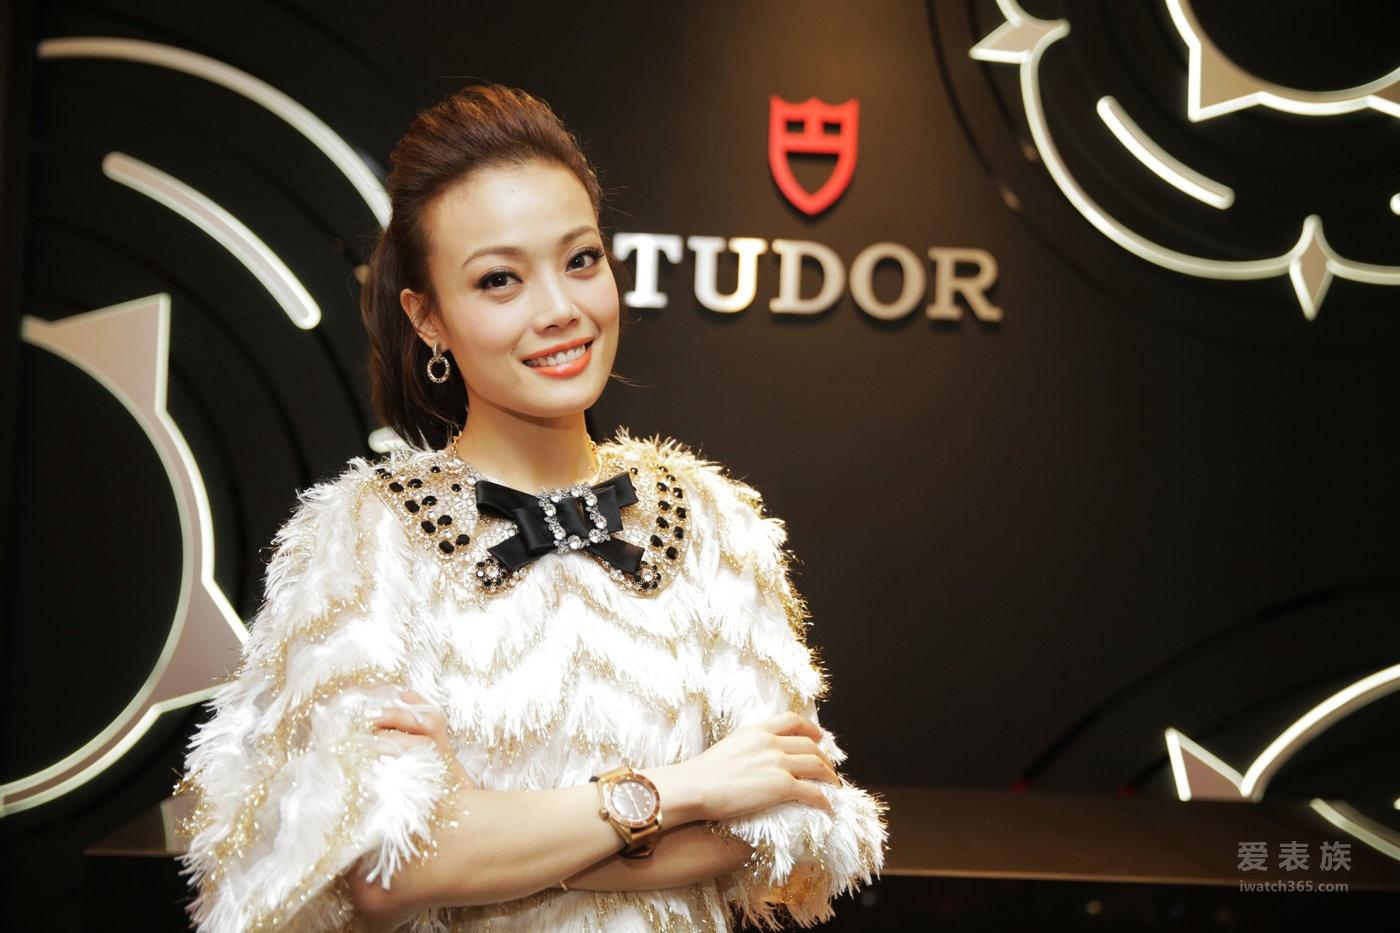 帝舵 X ATOM MOORE合作项目隆重揭幕 Heritage Black Bay Exhibition于香港举行